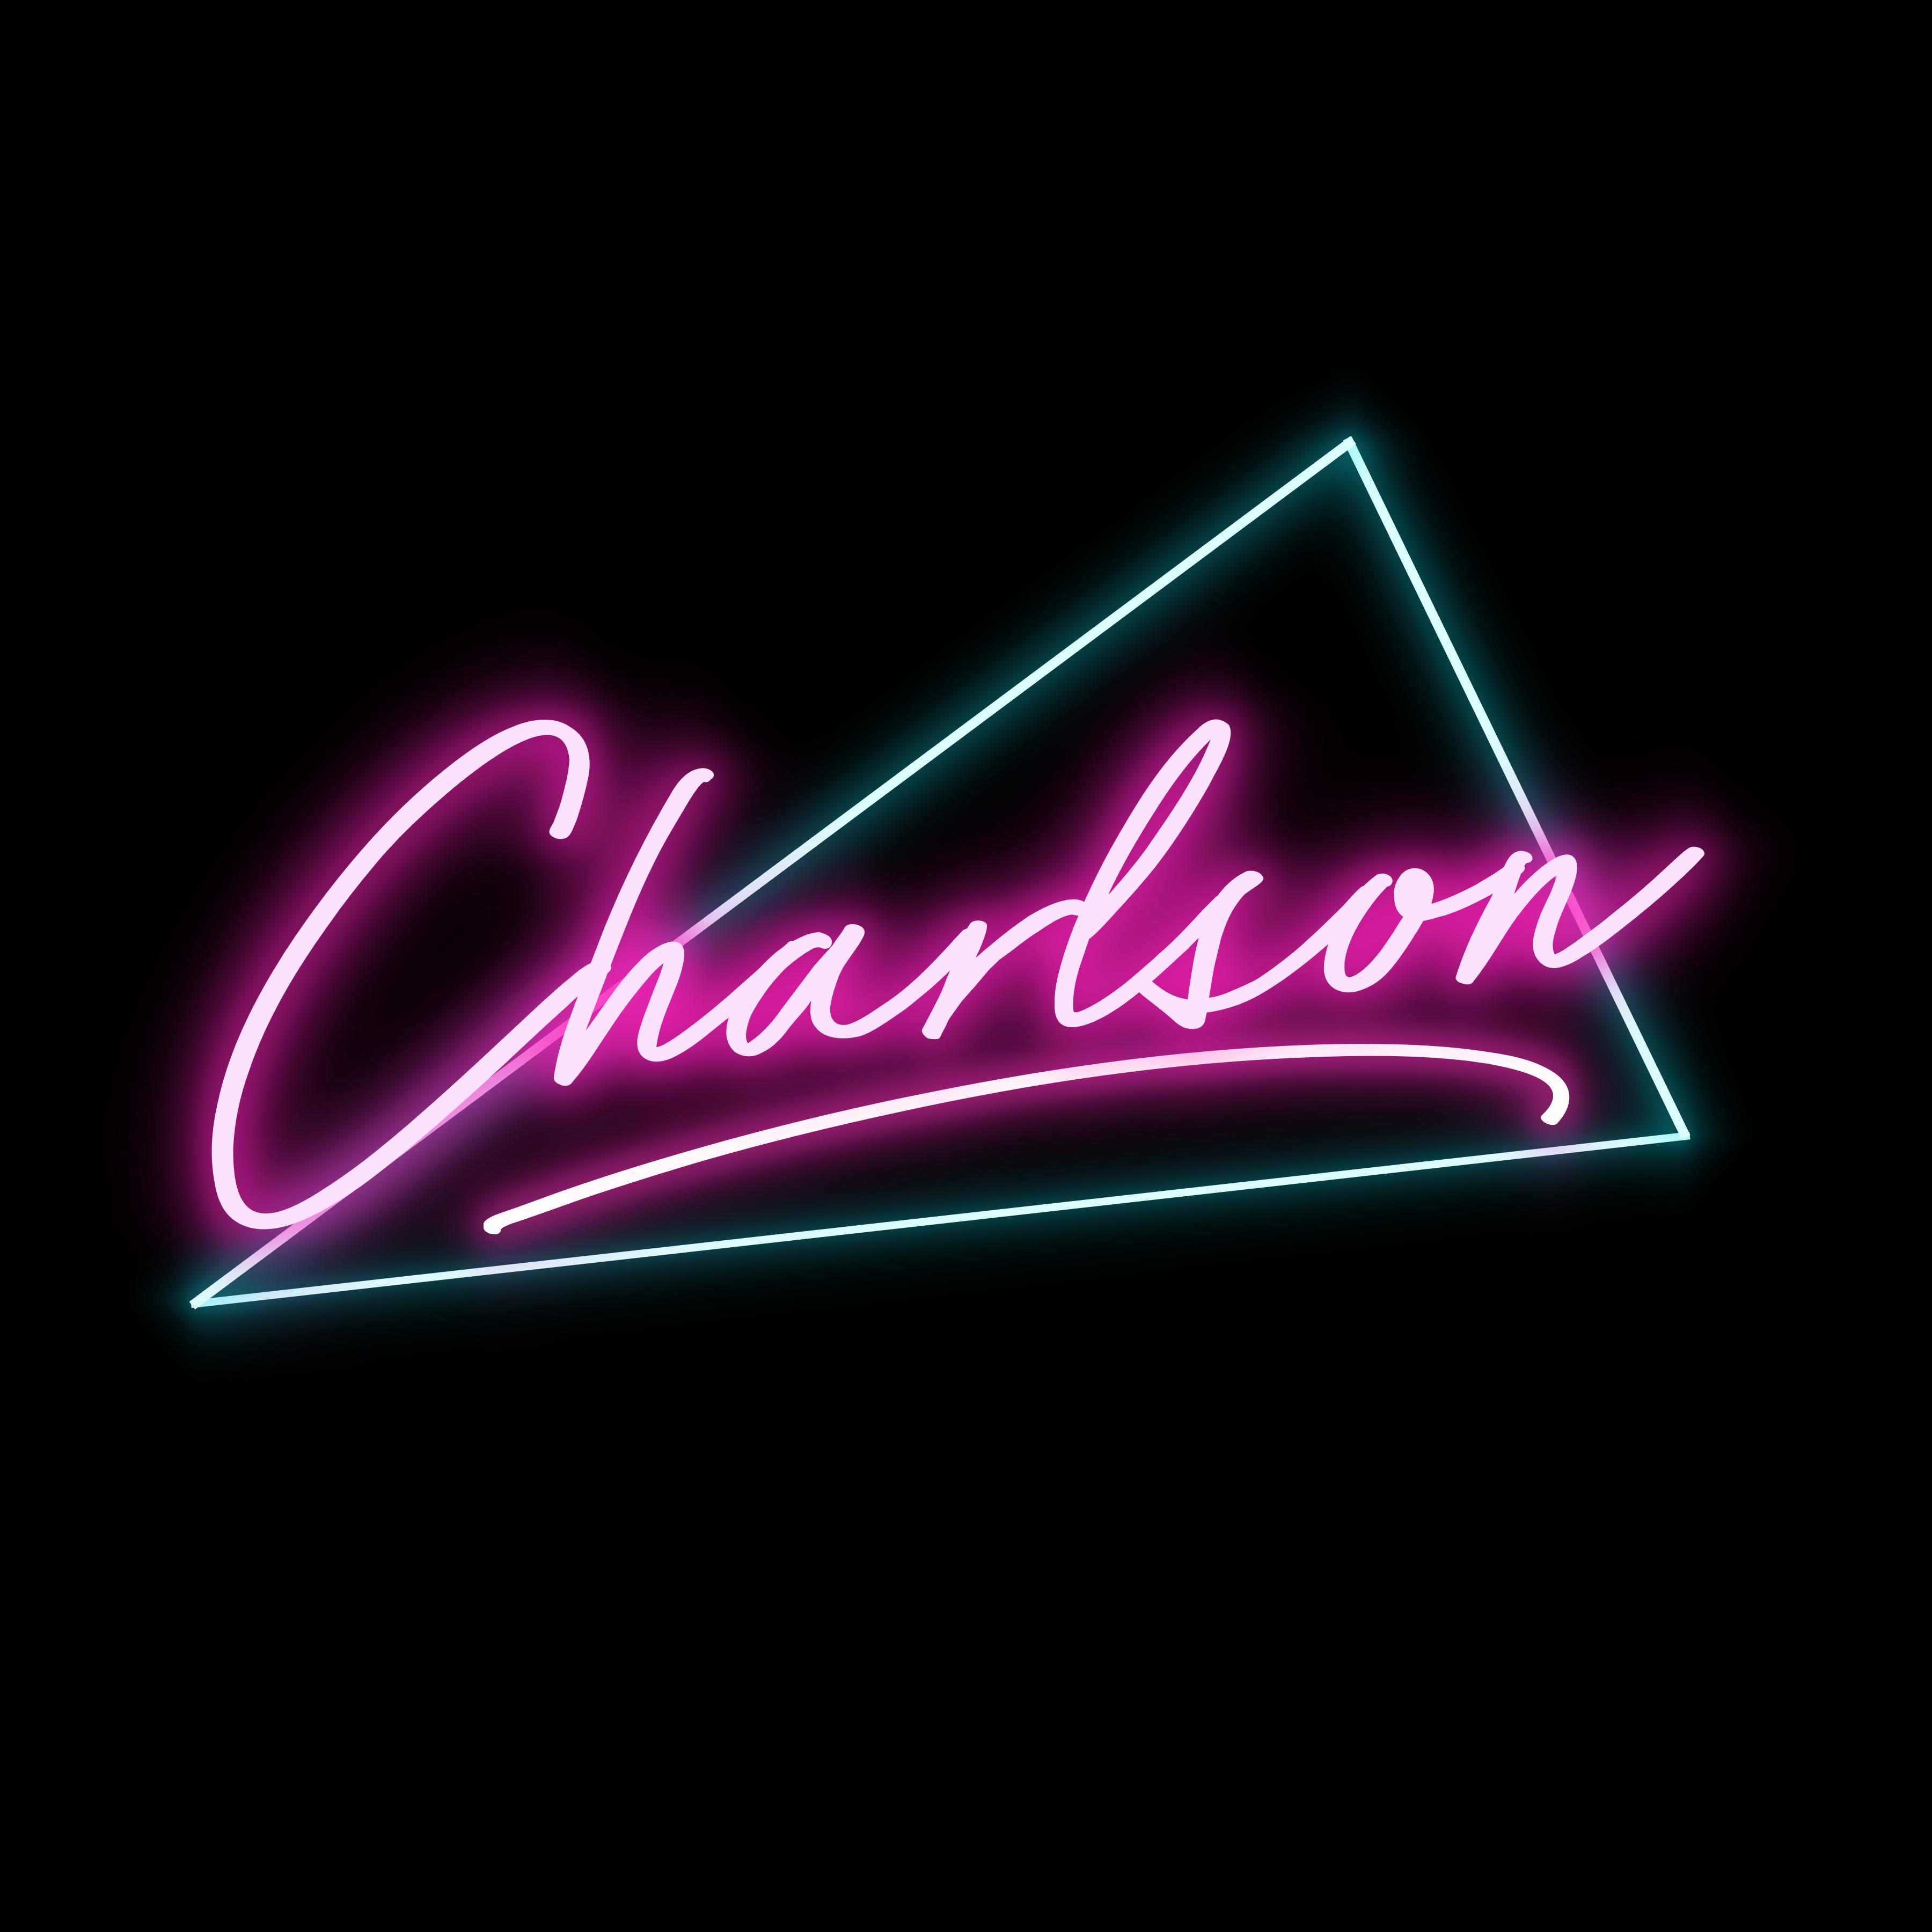 Charlson Store